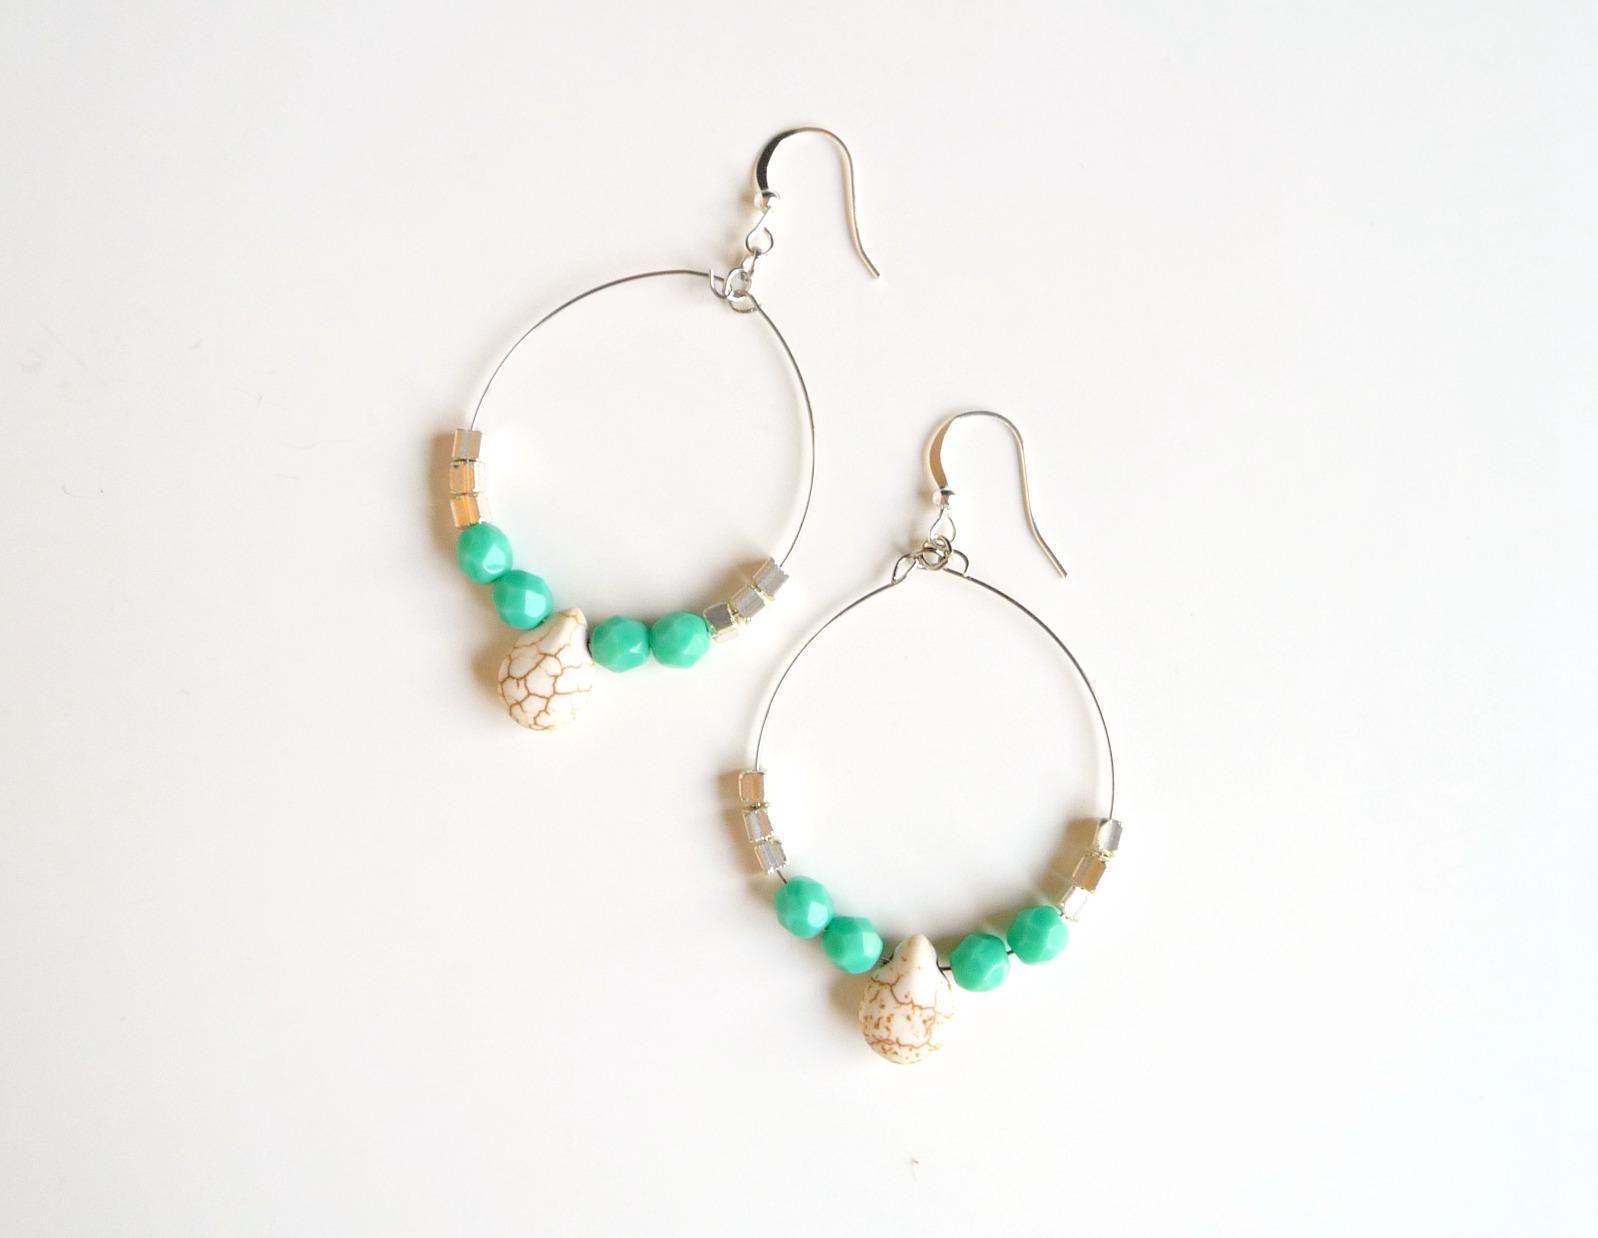 boho earrings jewelry tutorial